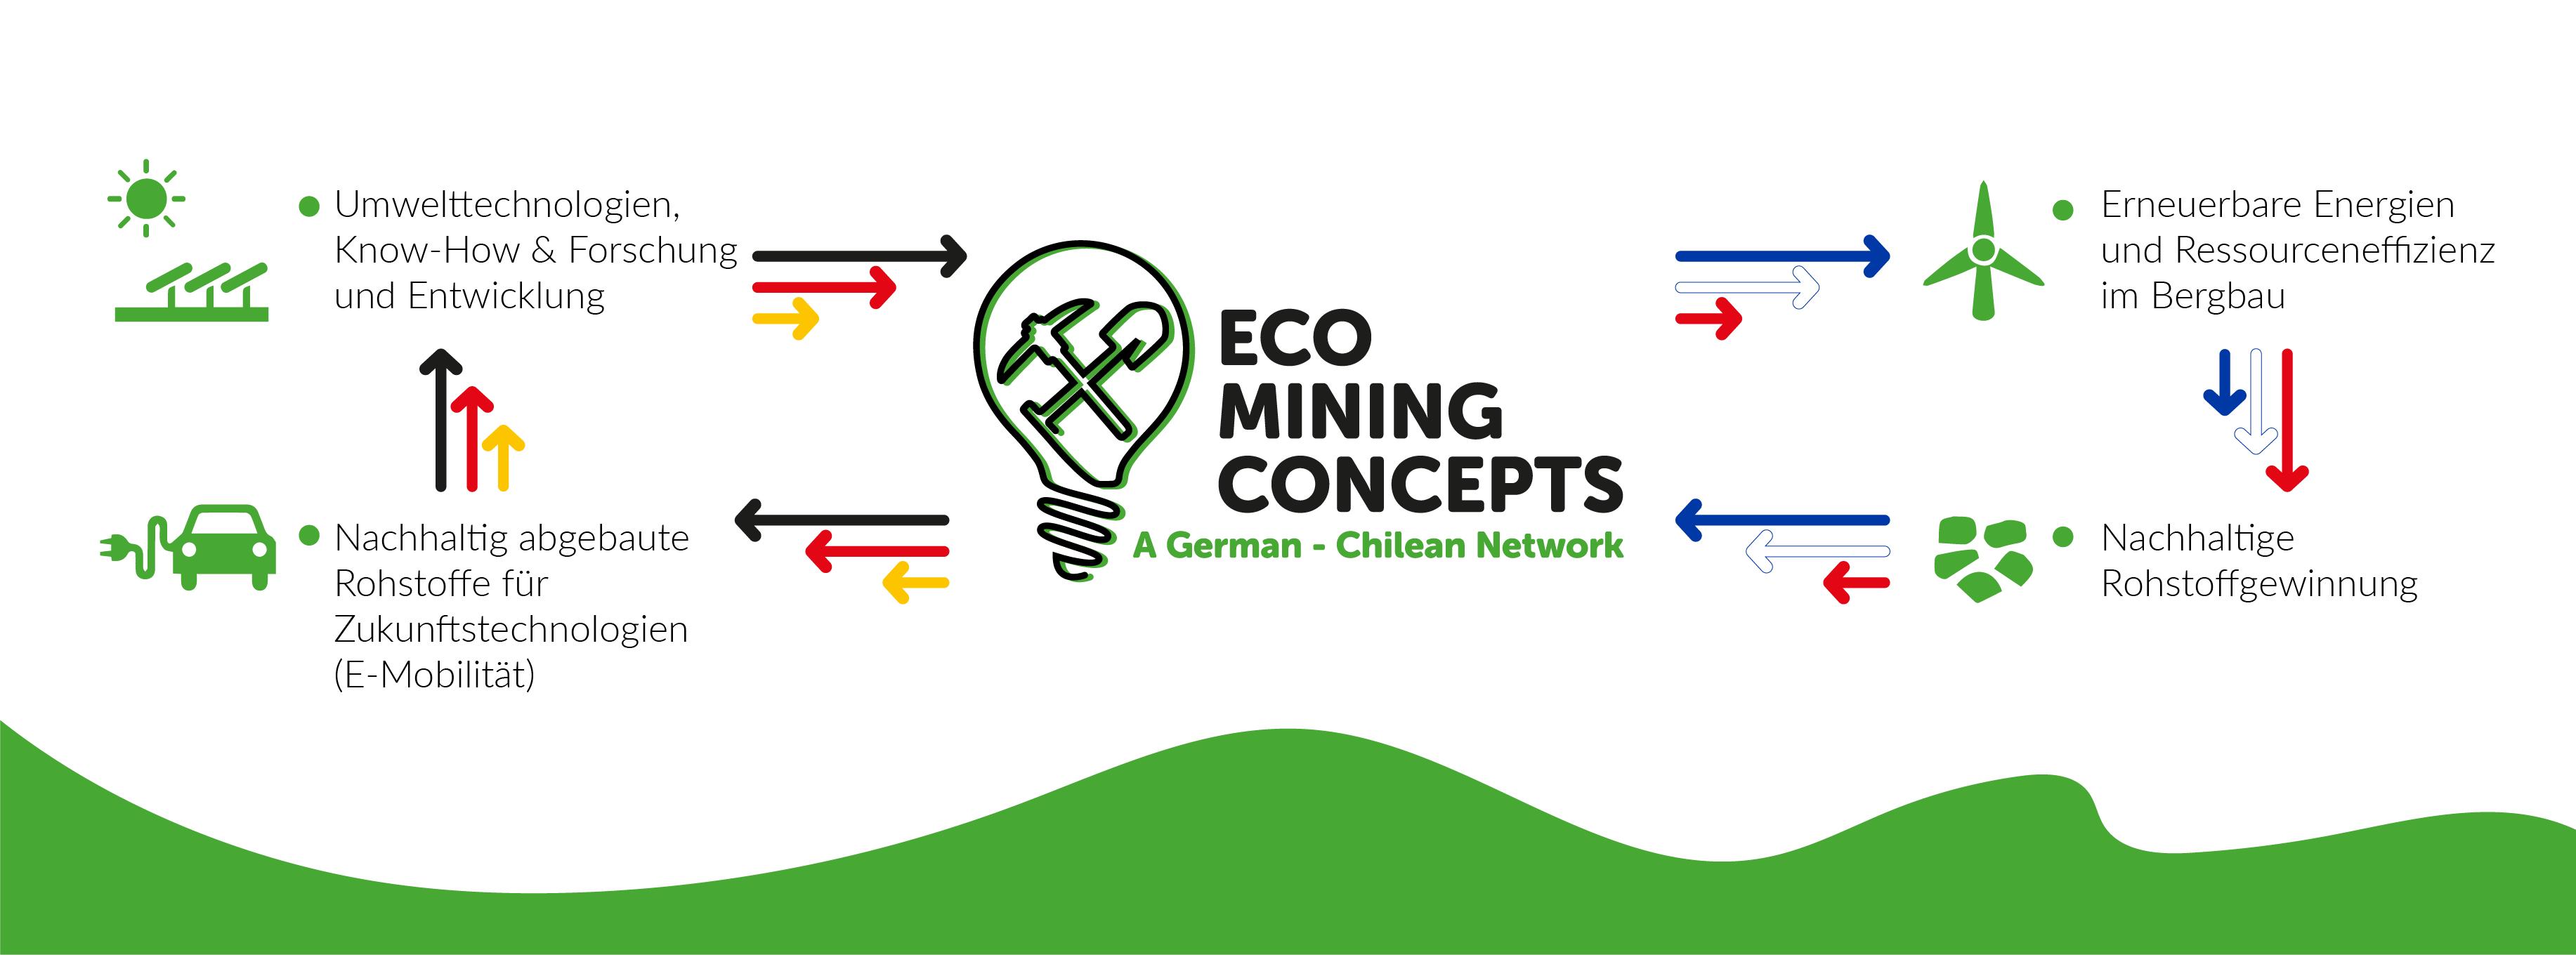 eco-mining-proyects-el-proyecto-de